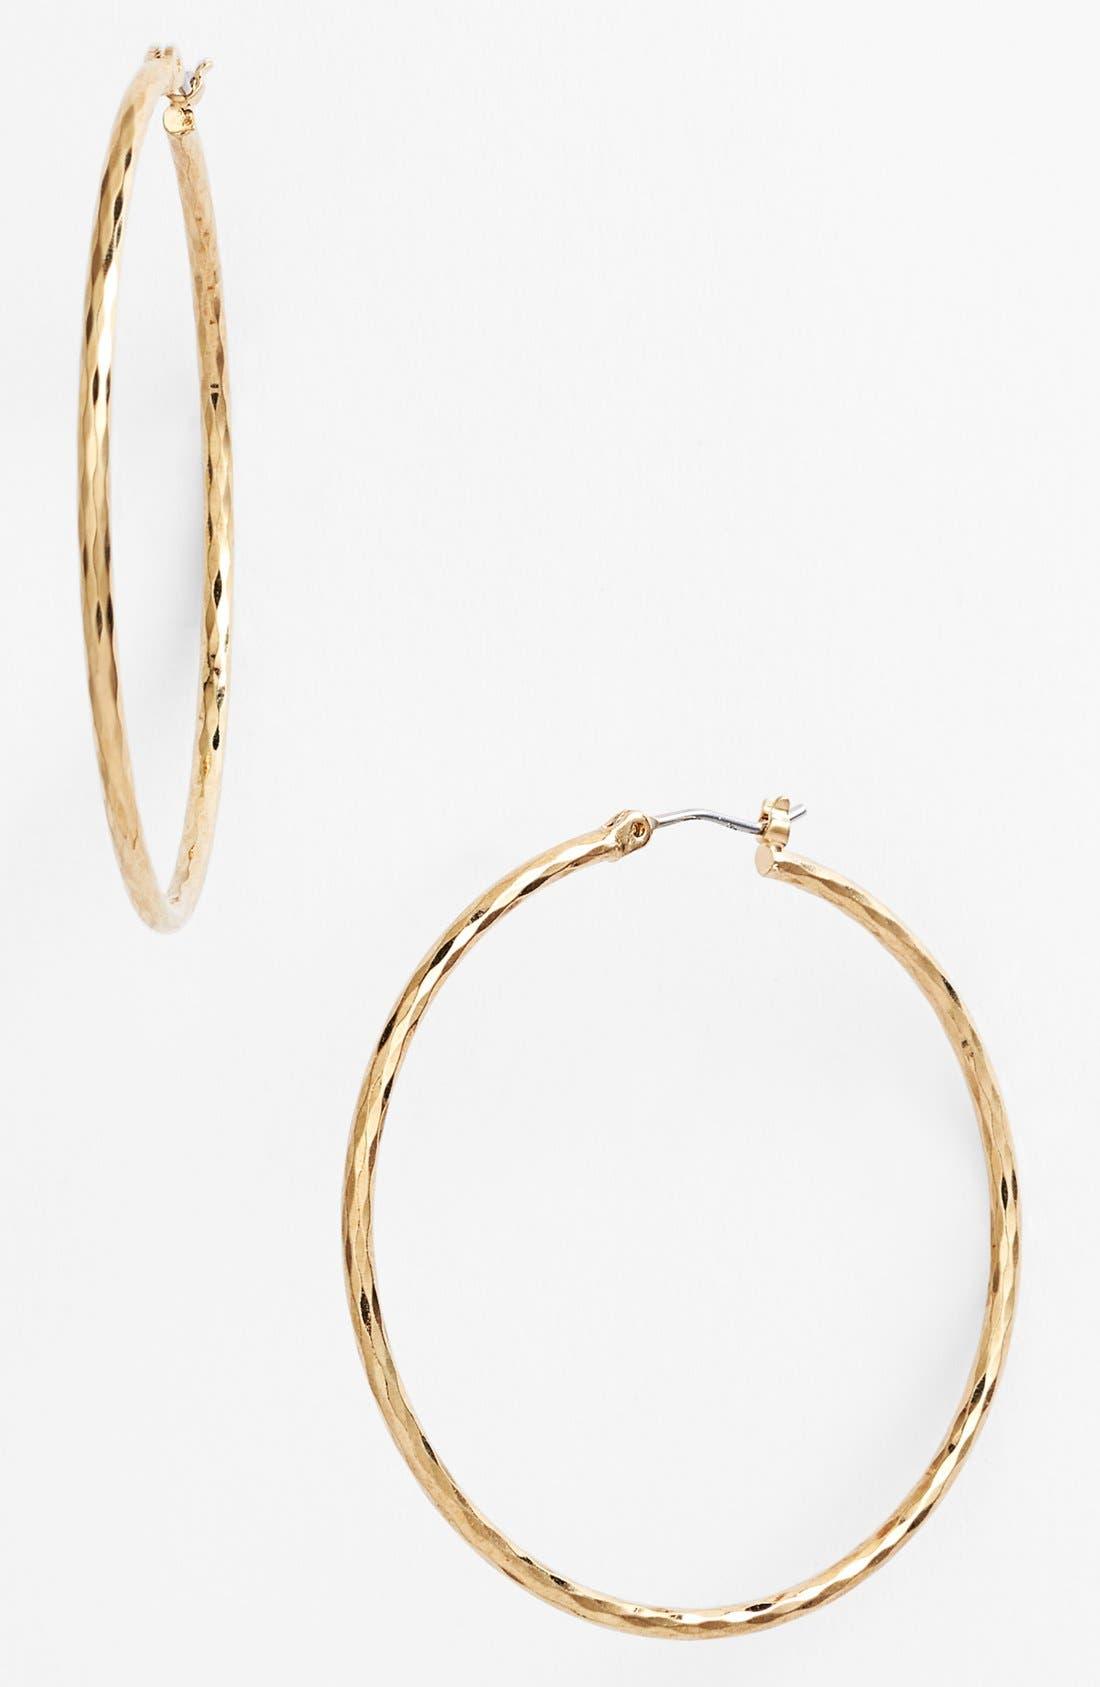 Main Image - Nordstrom Harlequin Facet Hoop Earrings